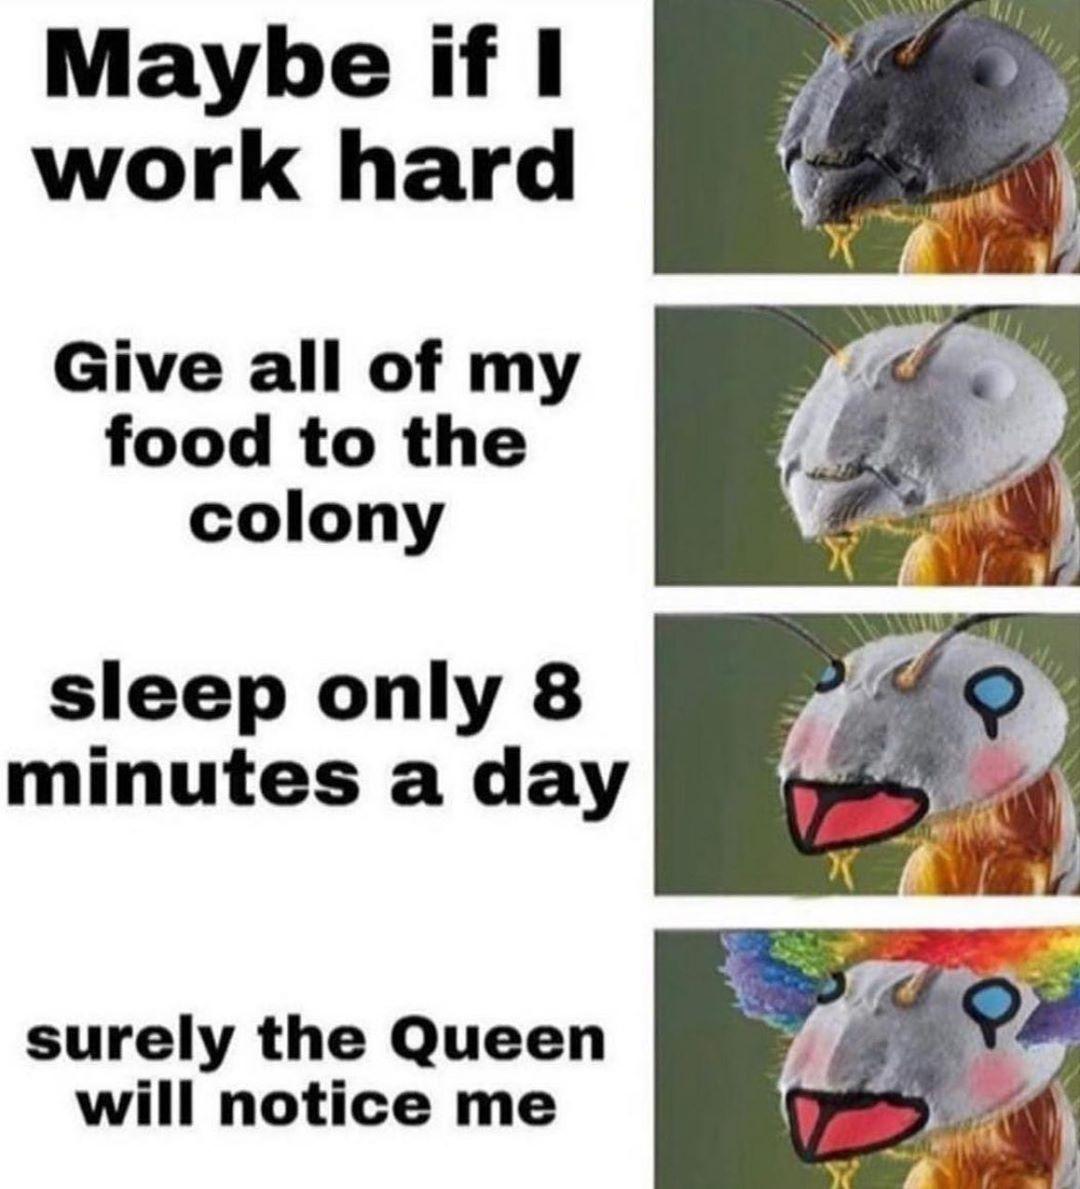 Meme S Quotes Memes Its Memes Laughing Memes Memes Quotes Funnie Memes I Meme Truthful Memes Happy Meme What Memes Enco Funny Memes Me Too Meme Memes